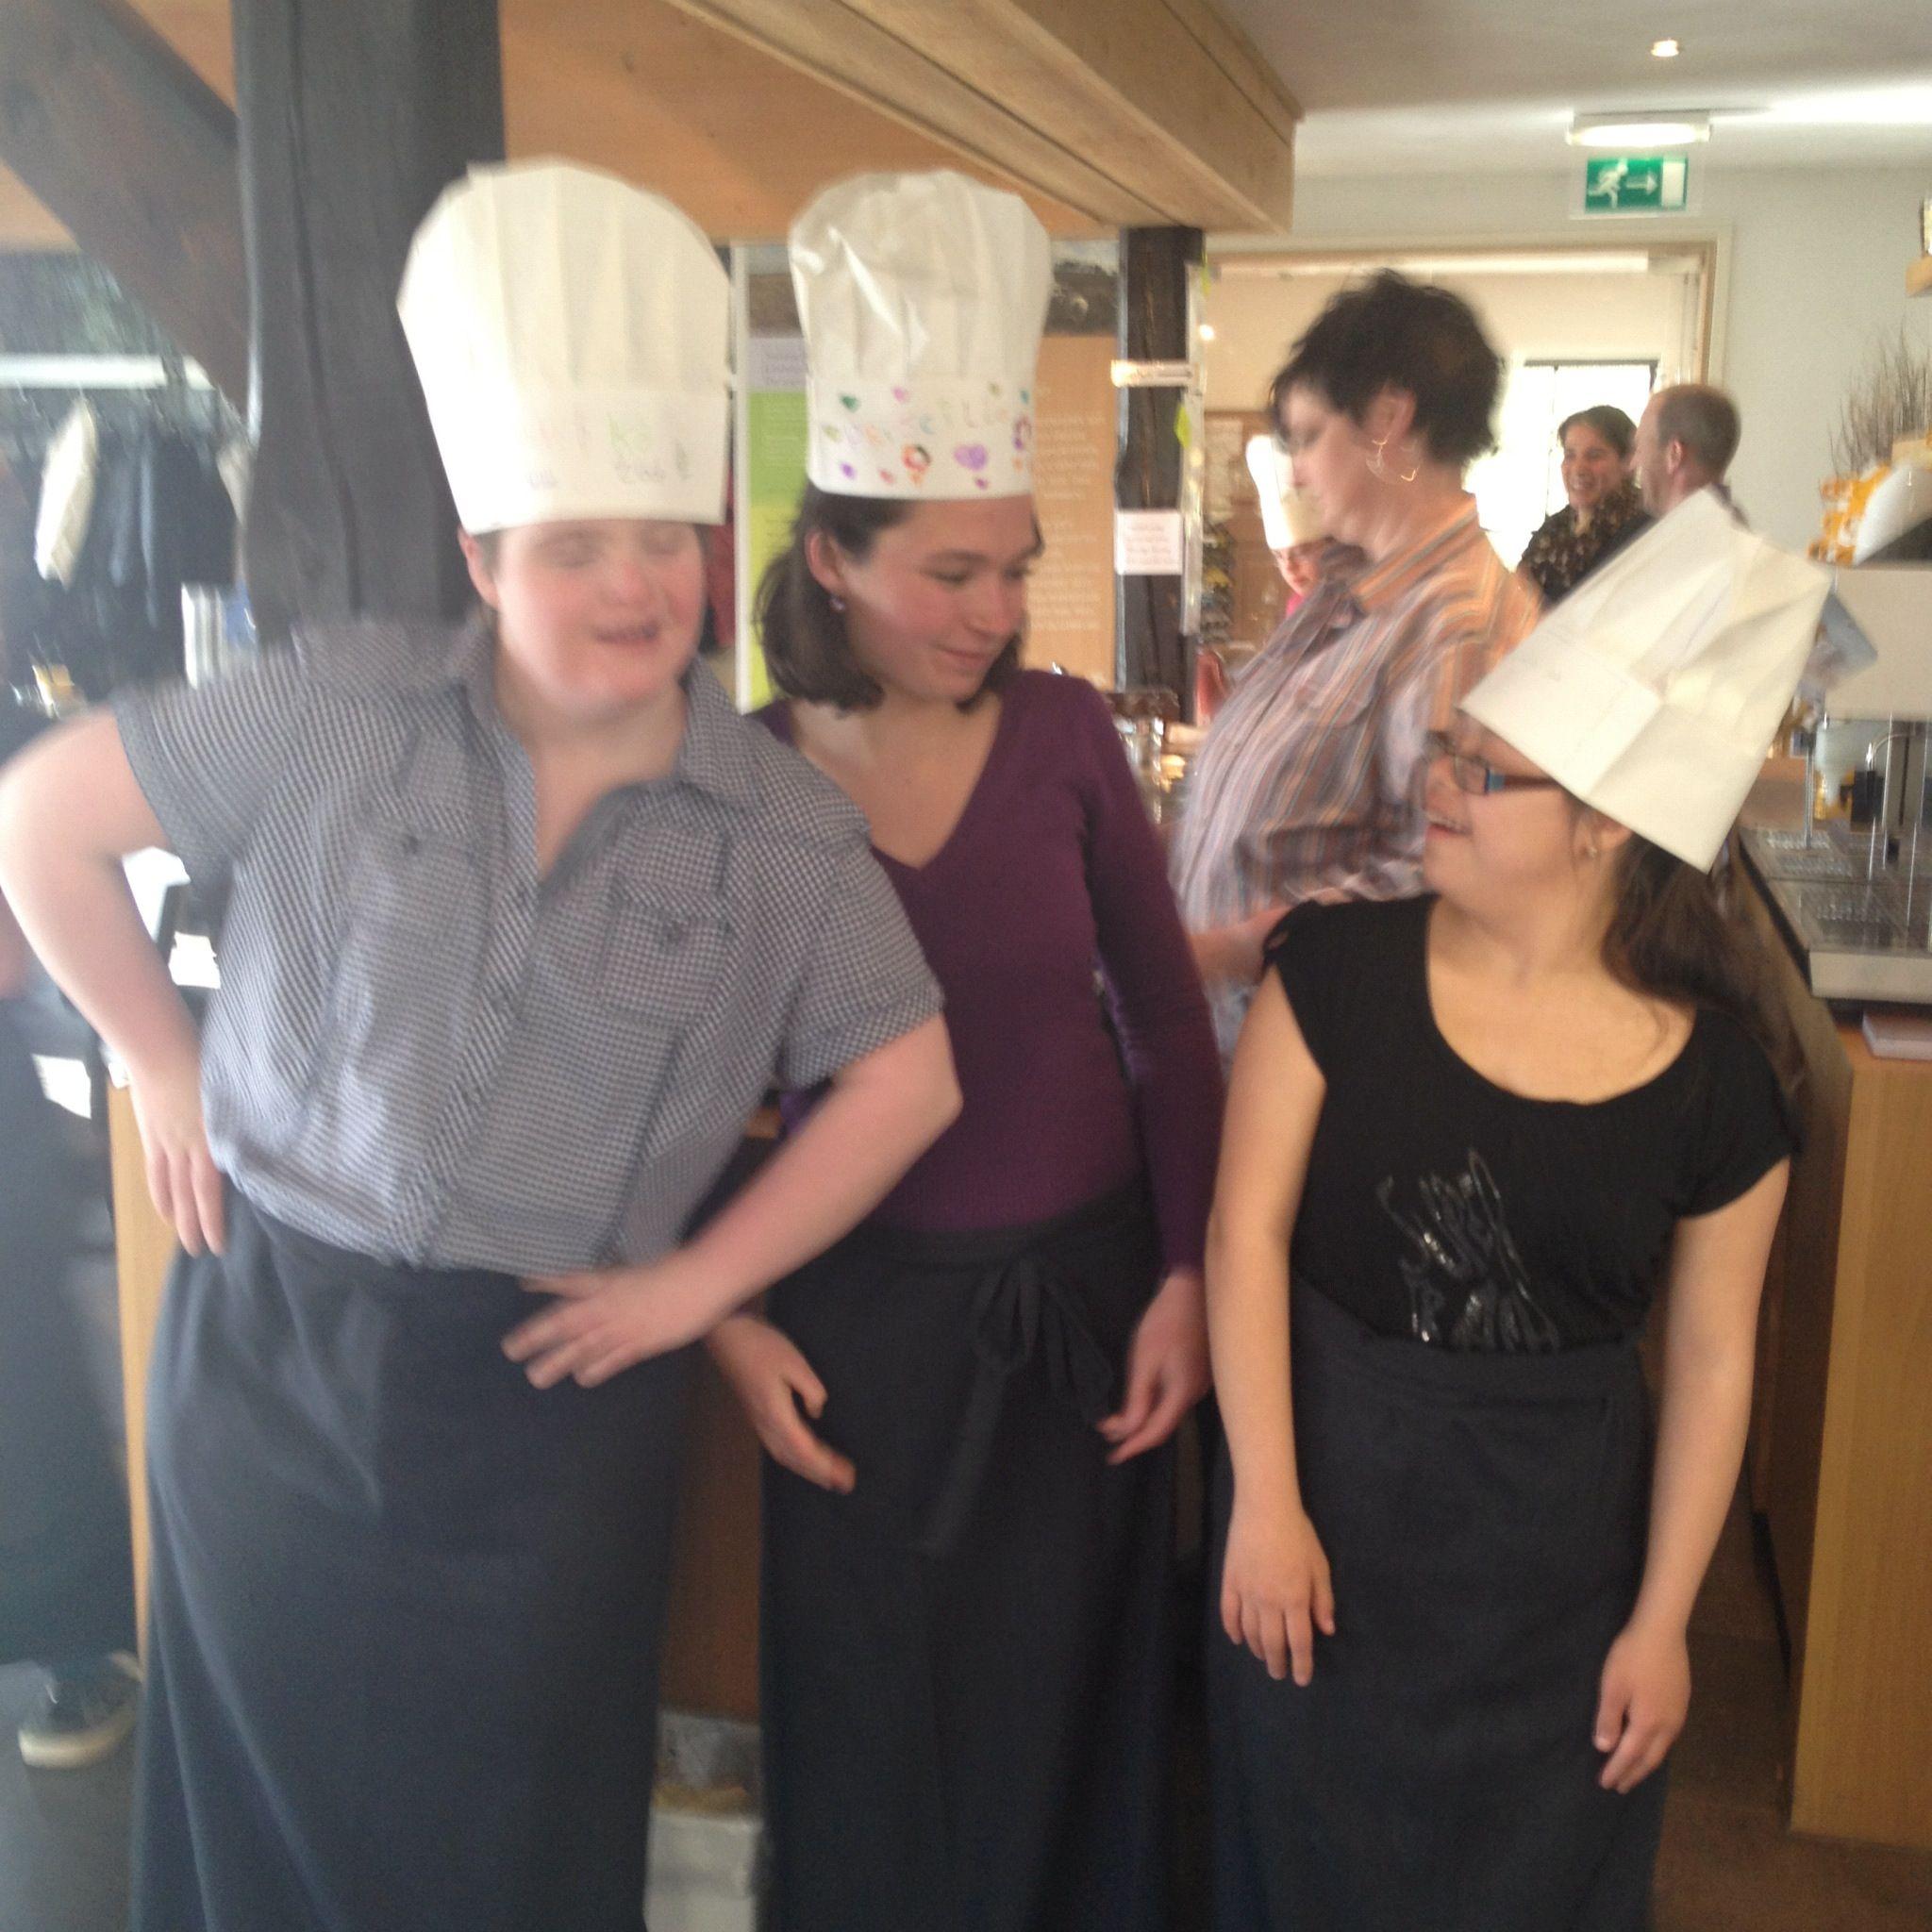 Trots! Plaatselijk Pannekoekenhuis leerde DownTalent een dag het restaurant runnen. Inclusief bakken, serveren en bestellingen opnemen. Genoten!